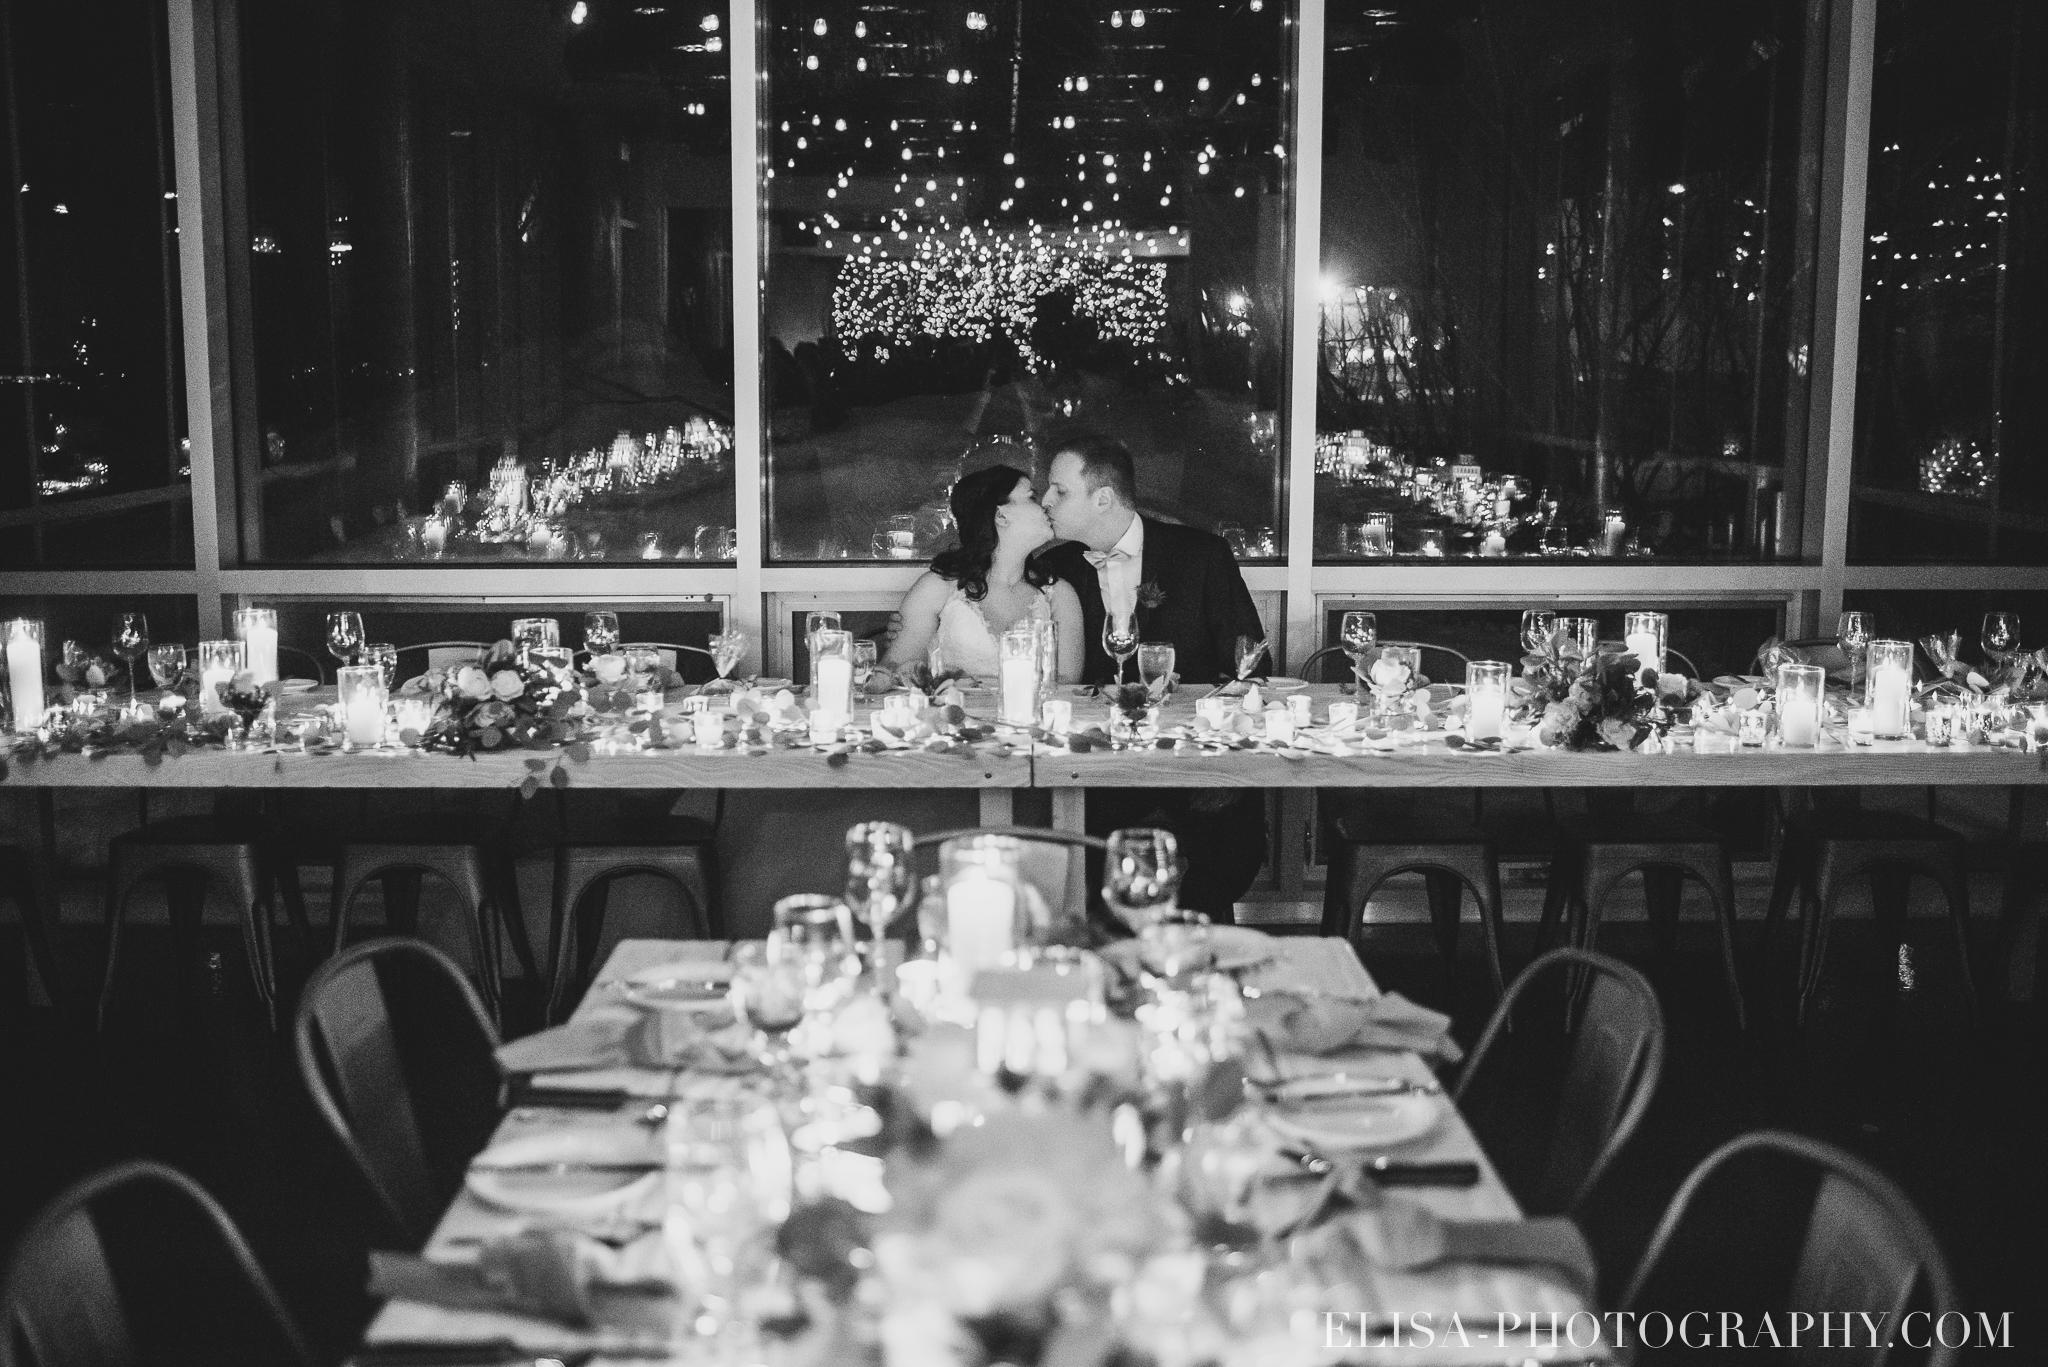 photo mariage hiver salle quai cap blanc port quebec reception table chandelles 3460 - Un chaleureux mariage hivernal à la salle du Quai du Cap Blanc, Québec